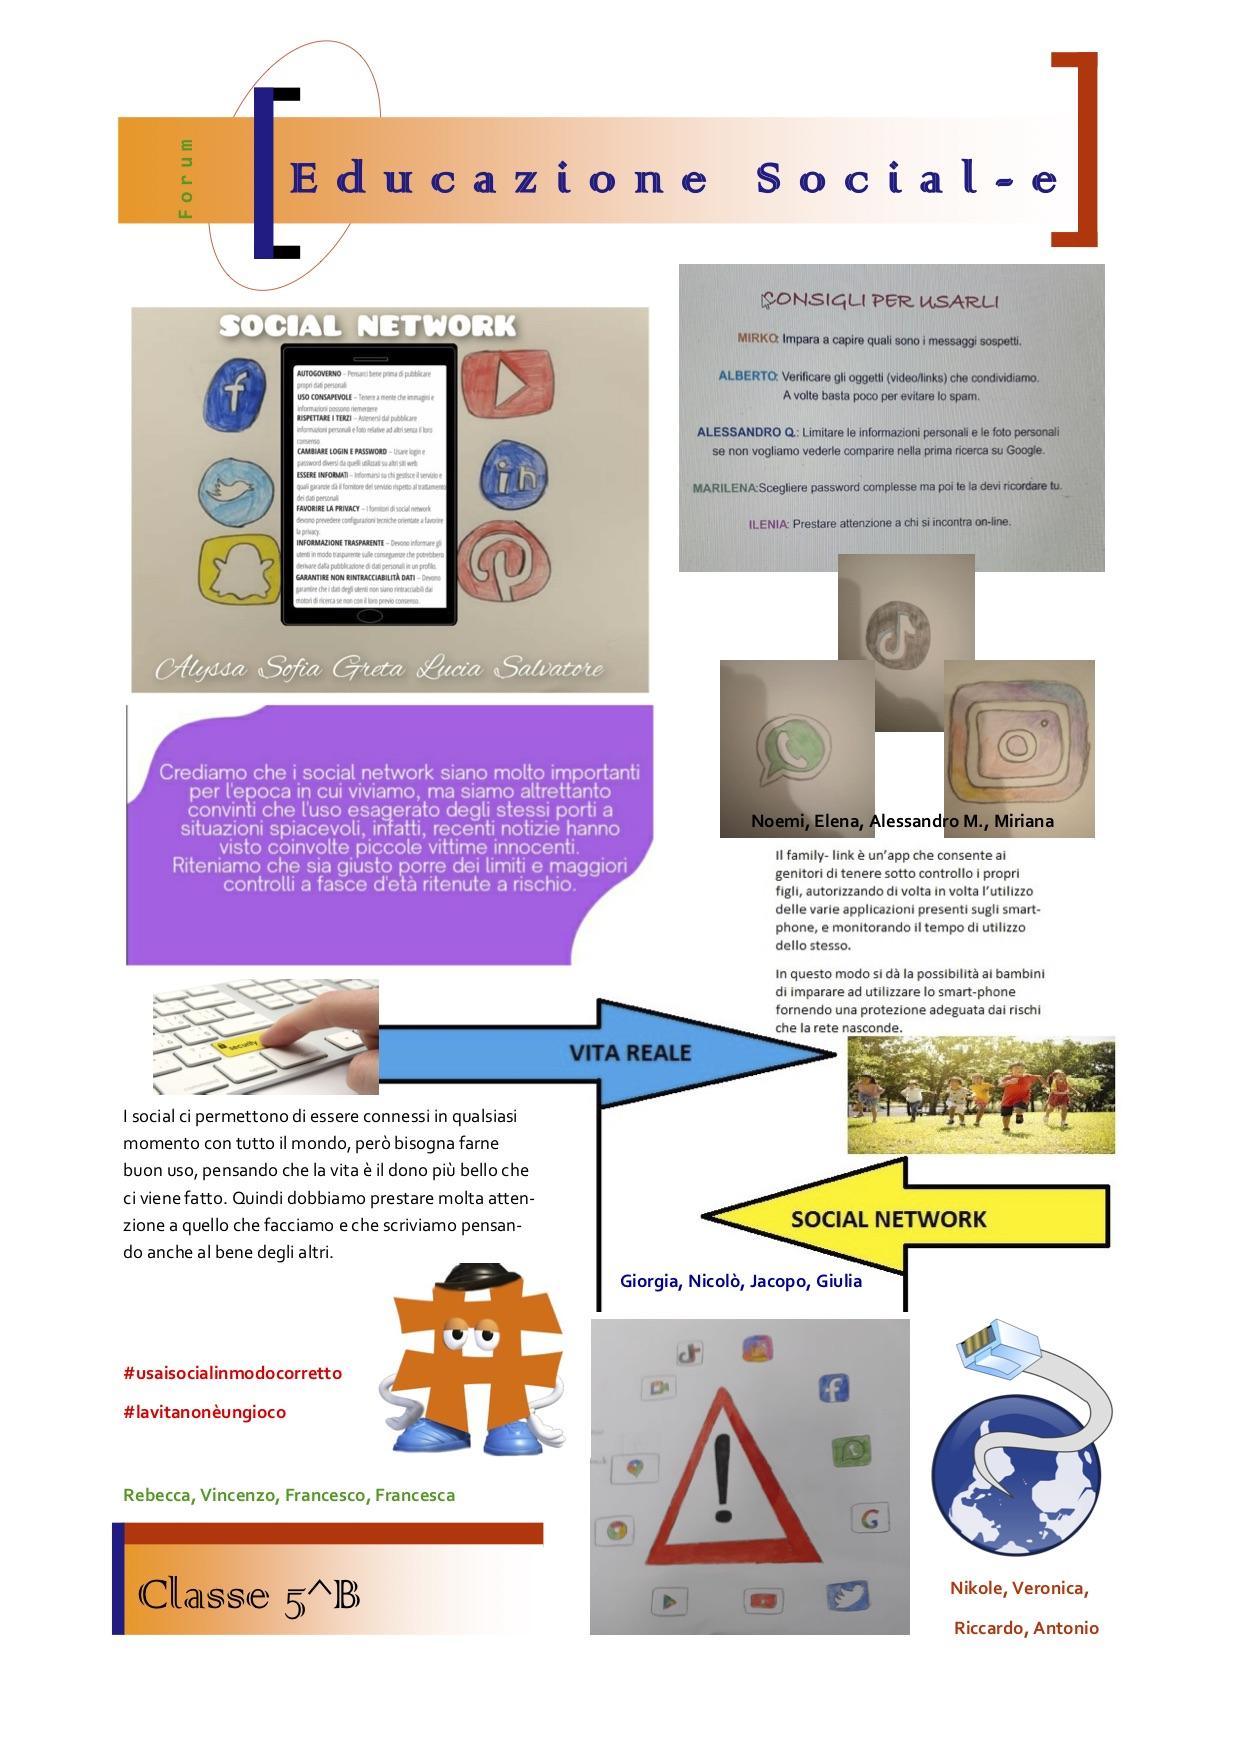 Cartellone virtuale Forum Educazione Social-e copia 2